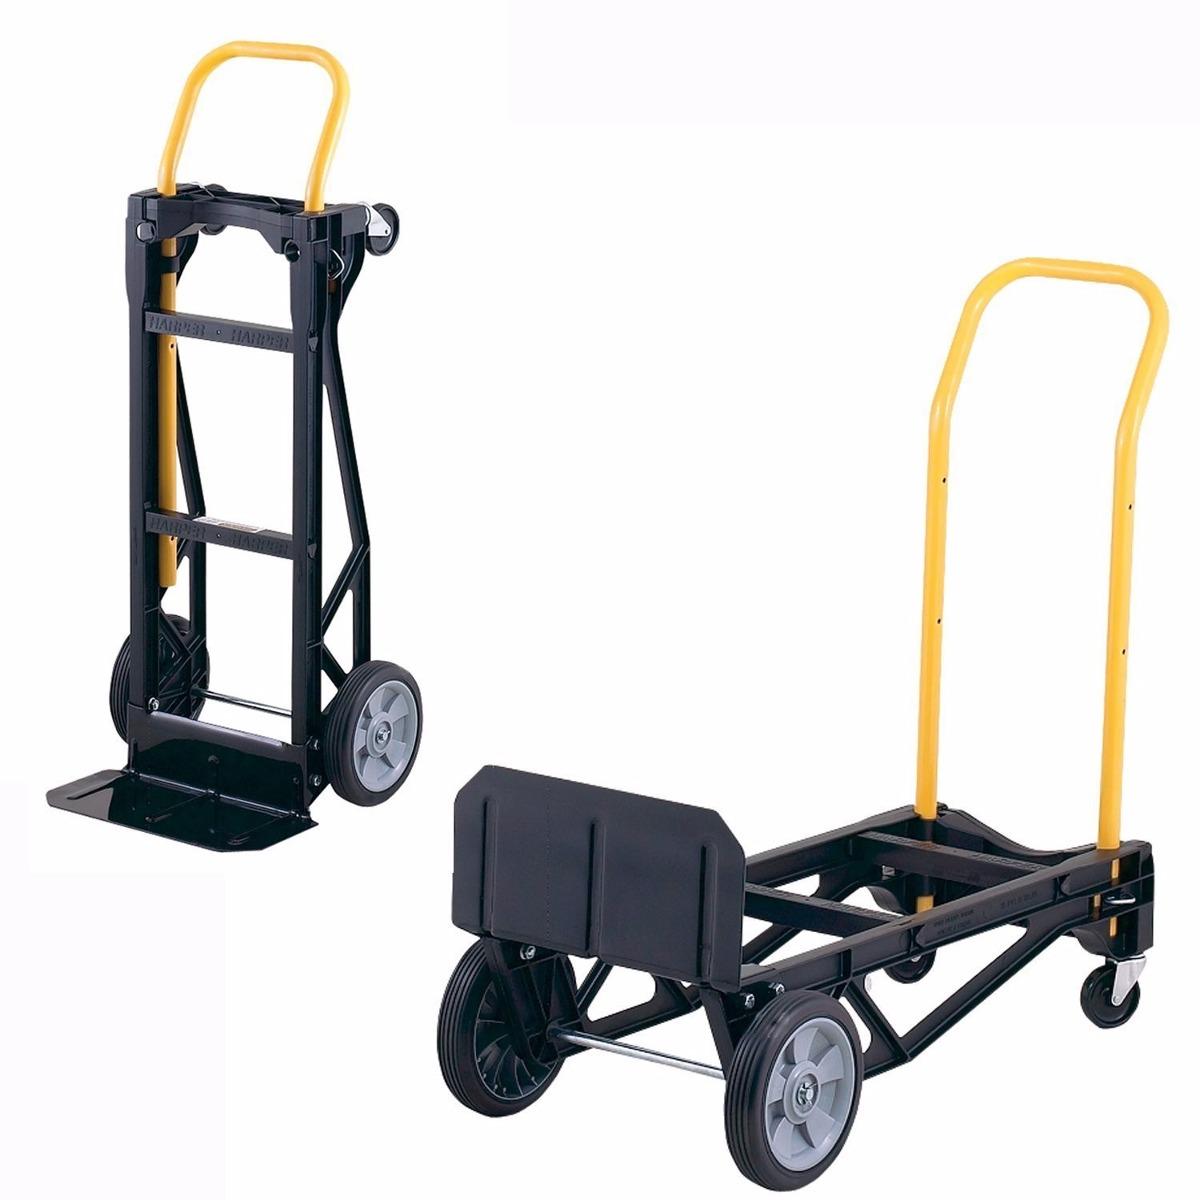 Carrito auxiliar transporte carretilla diablito 400 libras for Carrito auxiliar con ruedas